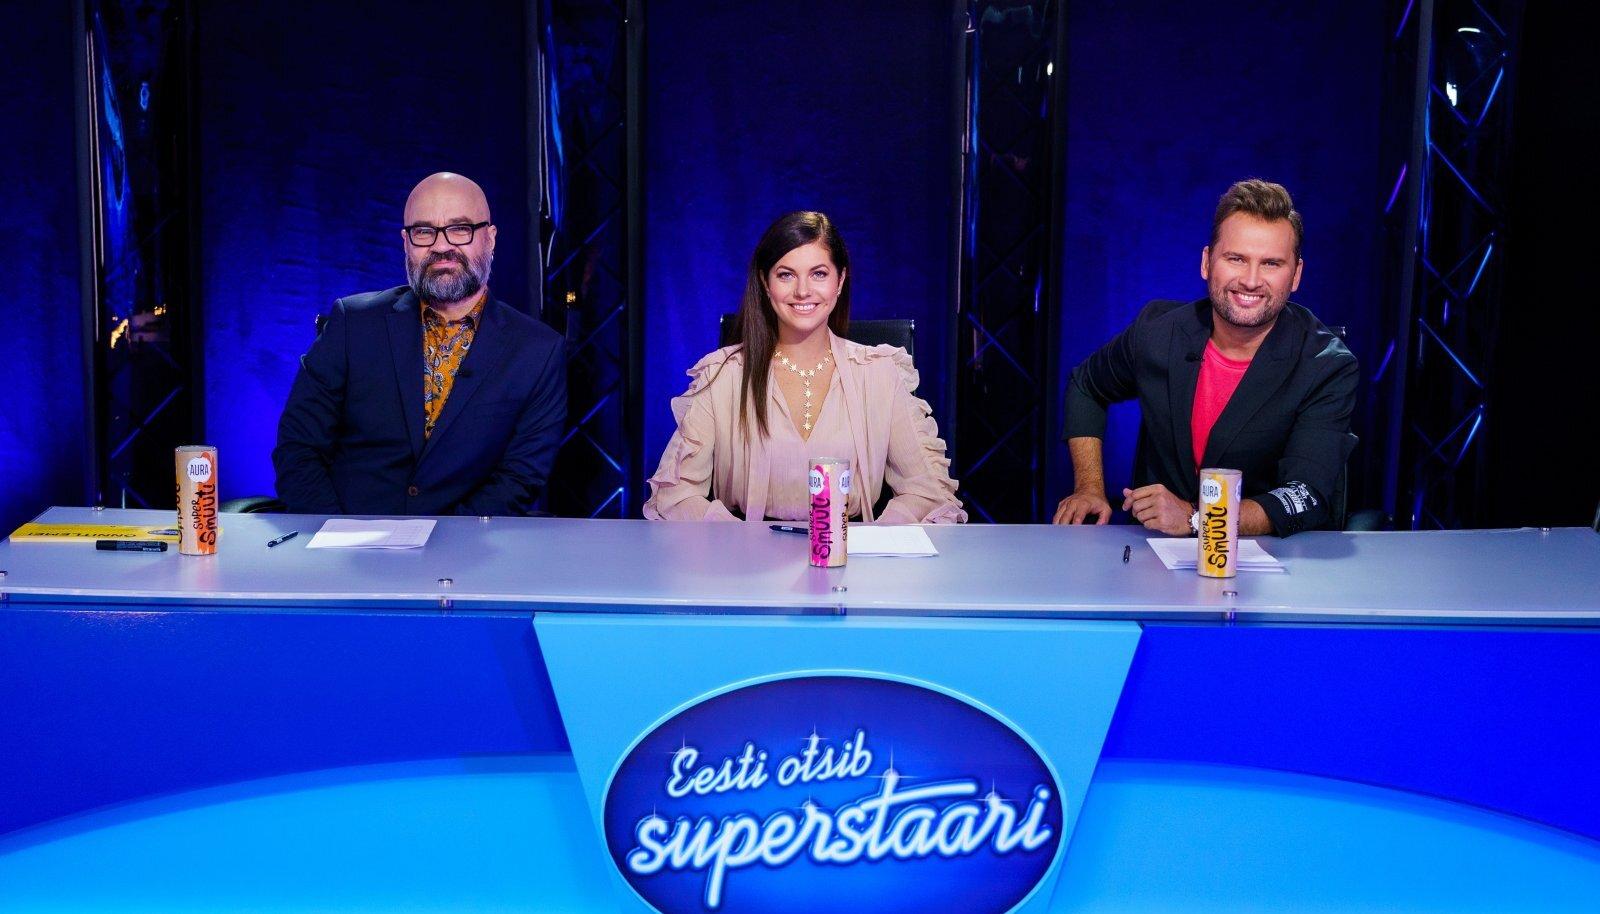 """Sügise suurima teleproduktsiooni """"Eesti otsib superstaari"""" kohtunikud on sel hooajal Mihkel Raud, Birgit Sarrap ja Koit Toome. Saatesari algab TV3-s 12. septembril."""